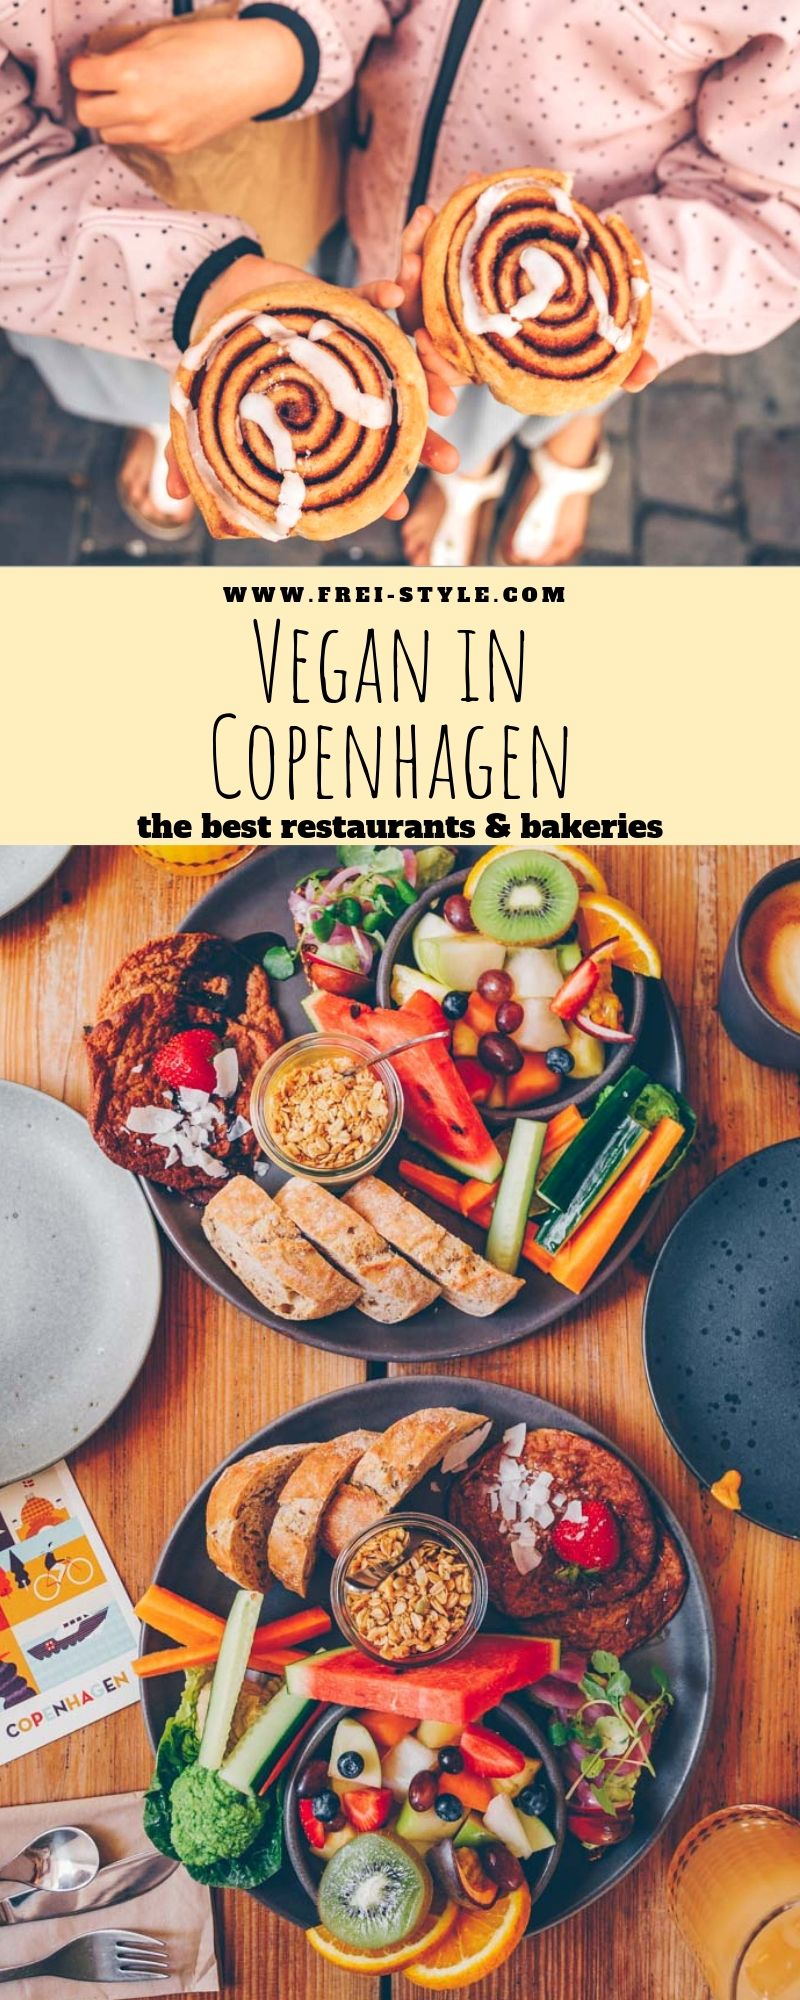 Vegan in Copenhagen